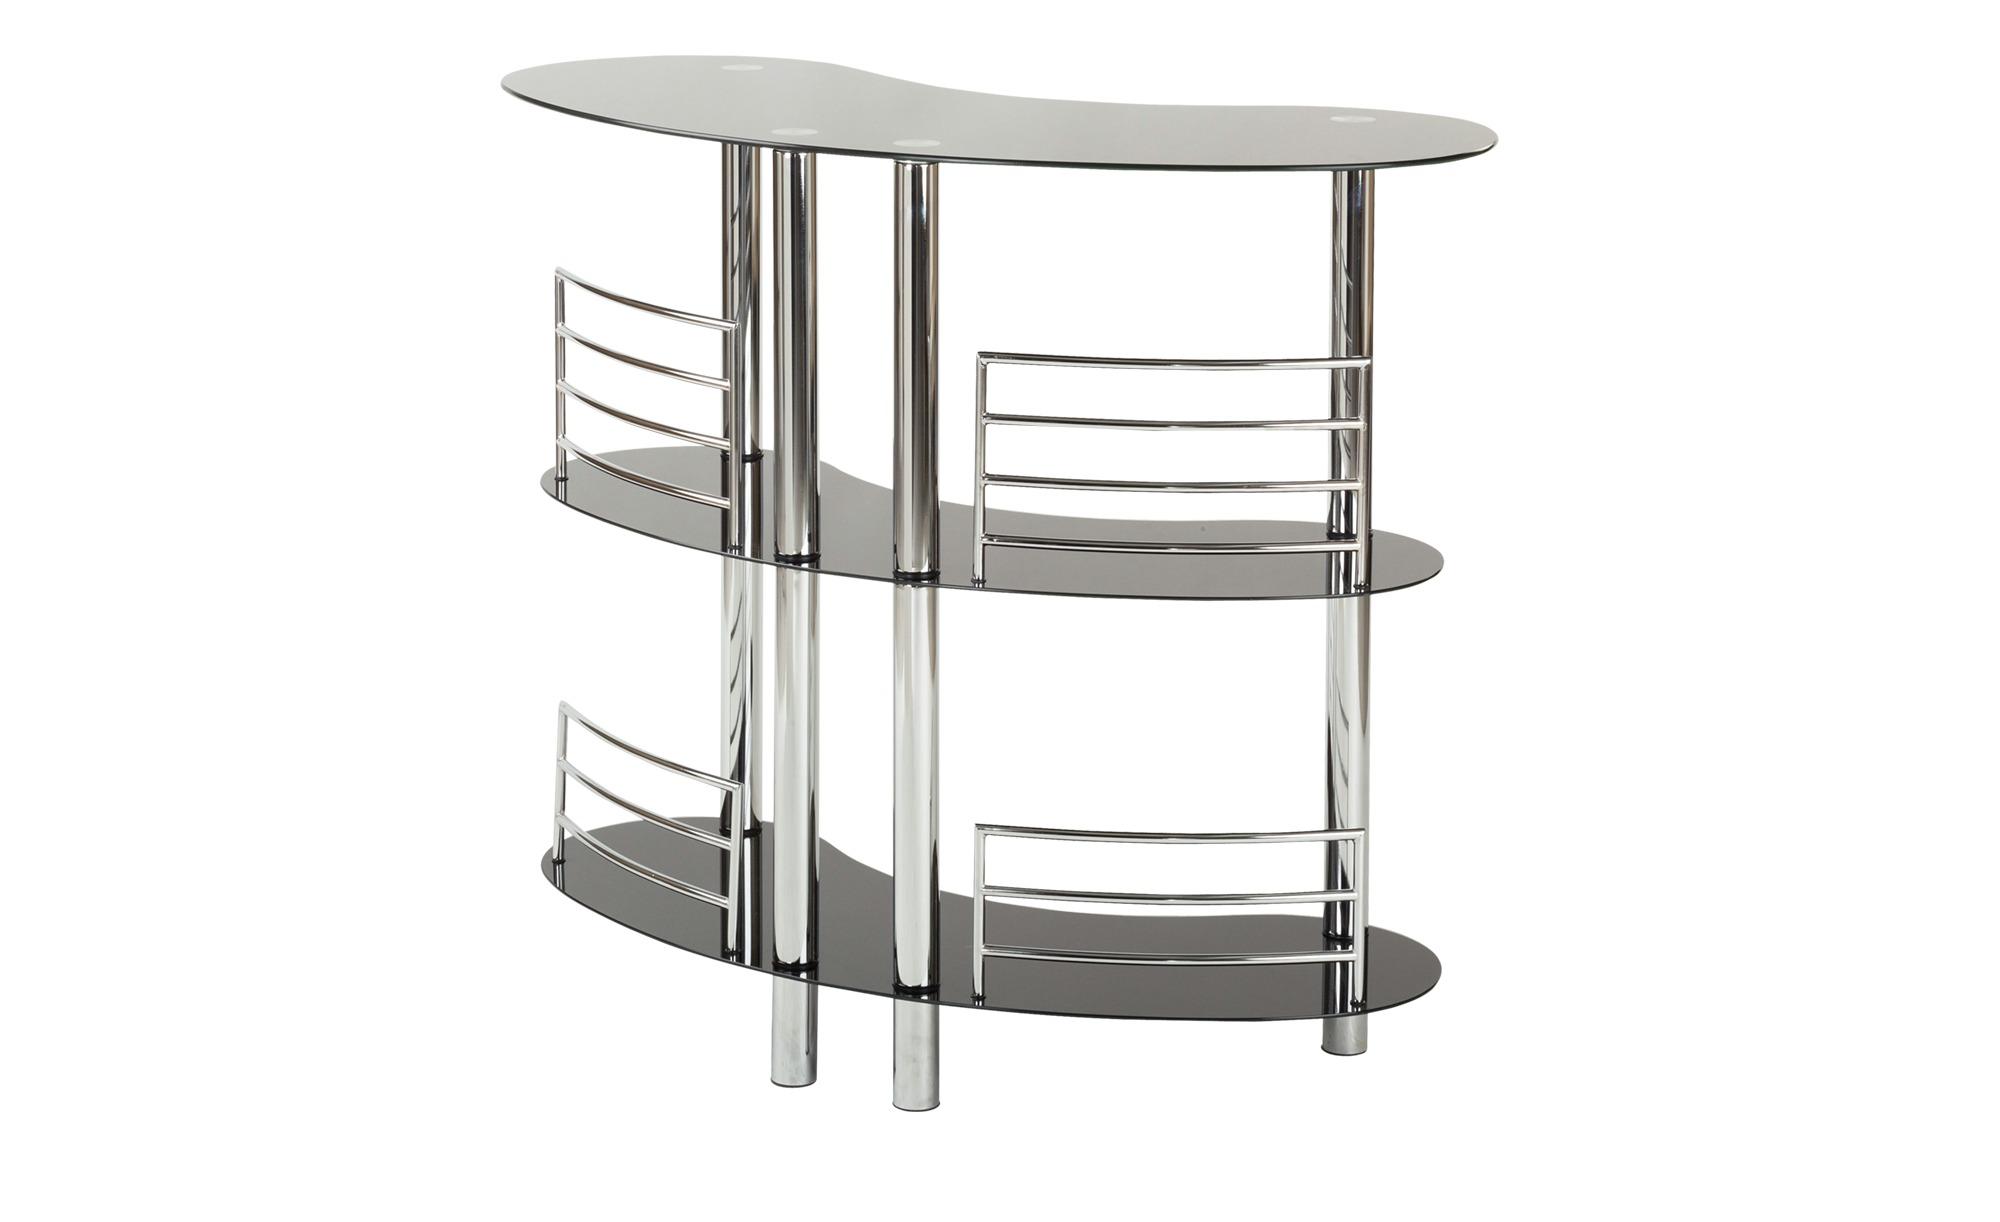 bar metall glas mit abstellfl chen diego breite 120 cm h he 106 cm schwarz online kaufen bei. Black Bedroom Furniture Sets. Home Design Ideas